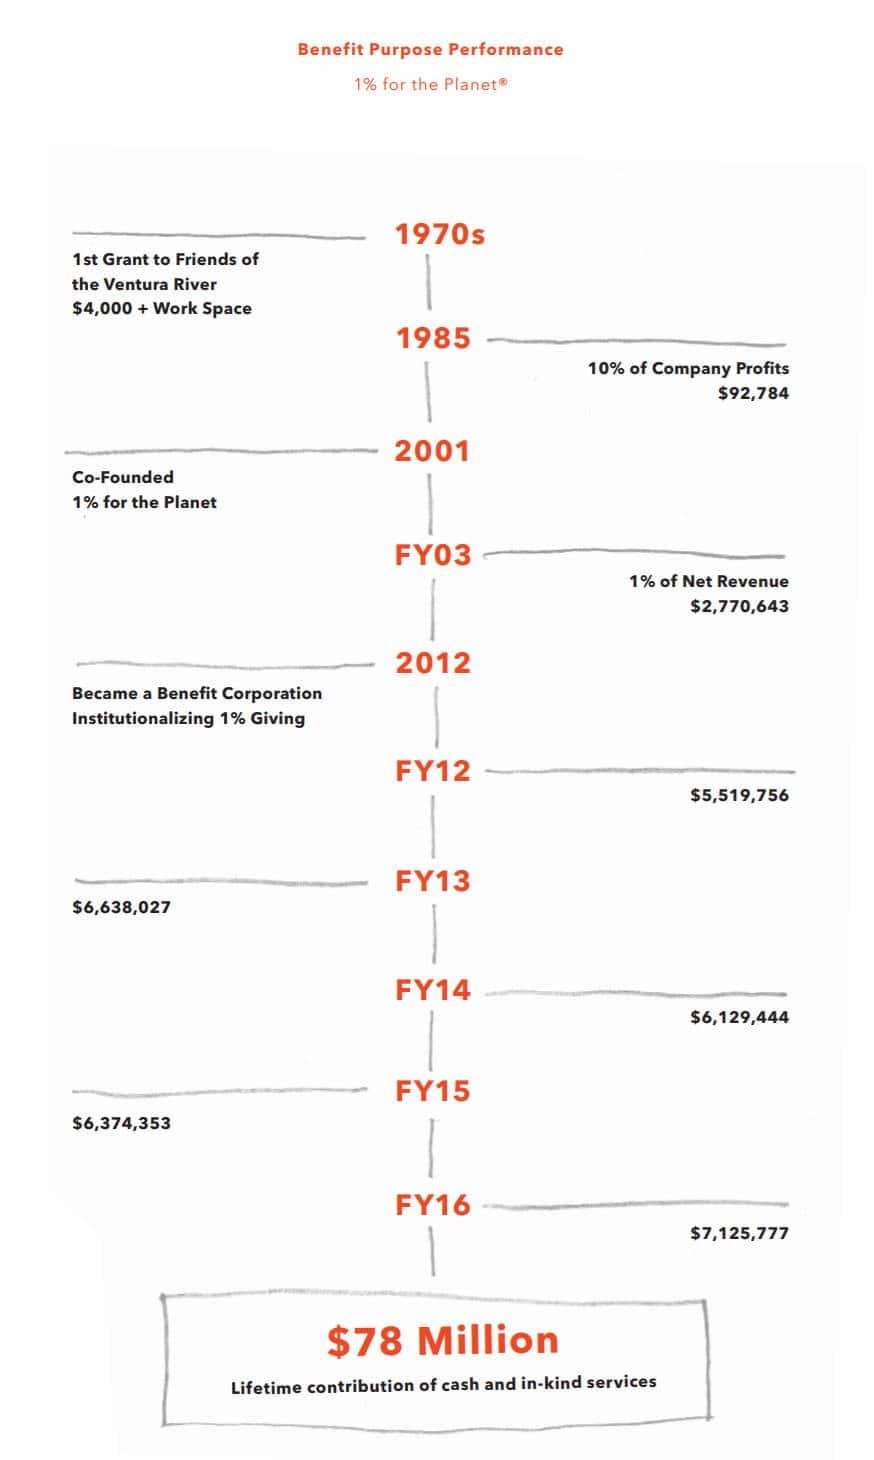 파타고니아 연간보고서에 적시된 연도별 기부 현황 회계년도 2016년까지 7천 8백만불을 기증했다고 밝히다